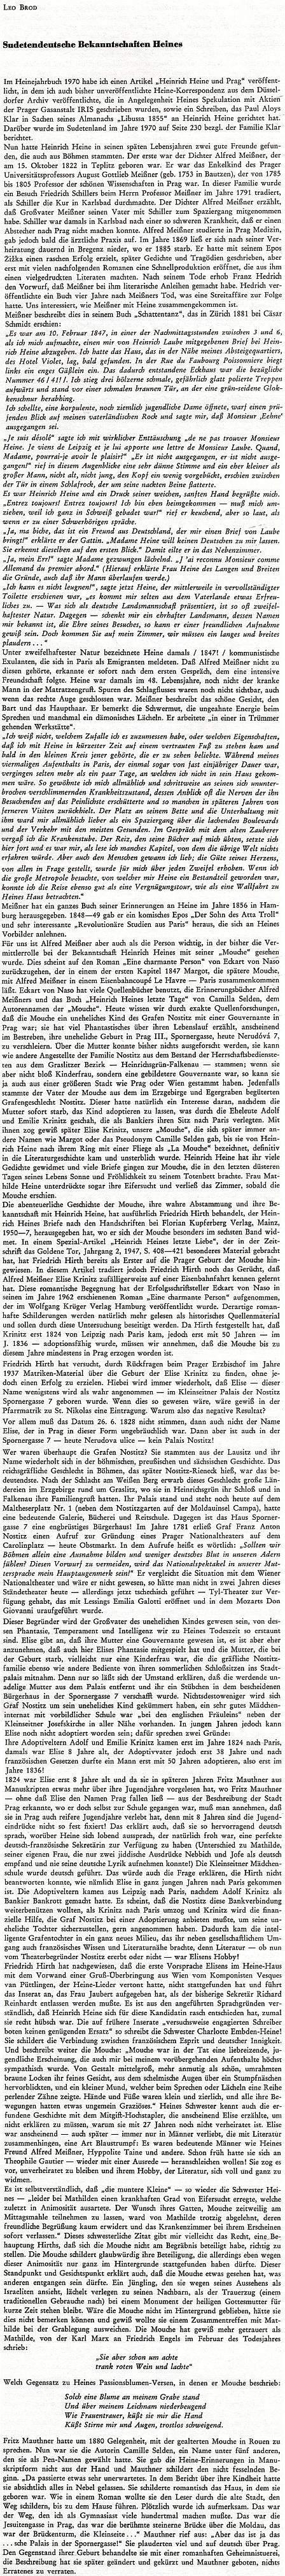 """Další jeho rozsáhlejší příspěvek v krajanském čtvrtletníku o """"sudetoněmeckých známostech Heinricha Heineho"""" (zejména jsou tu jmenování Alfred Meißner a Fritz Mauthner)"""